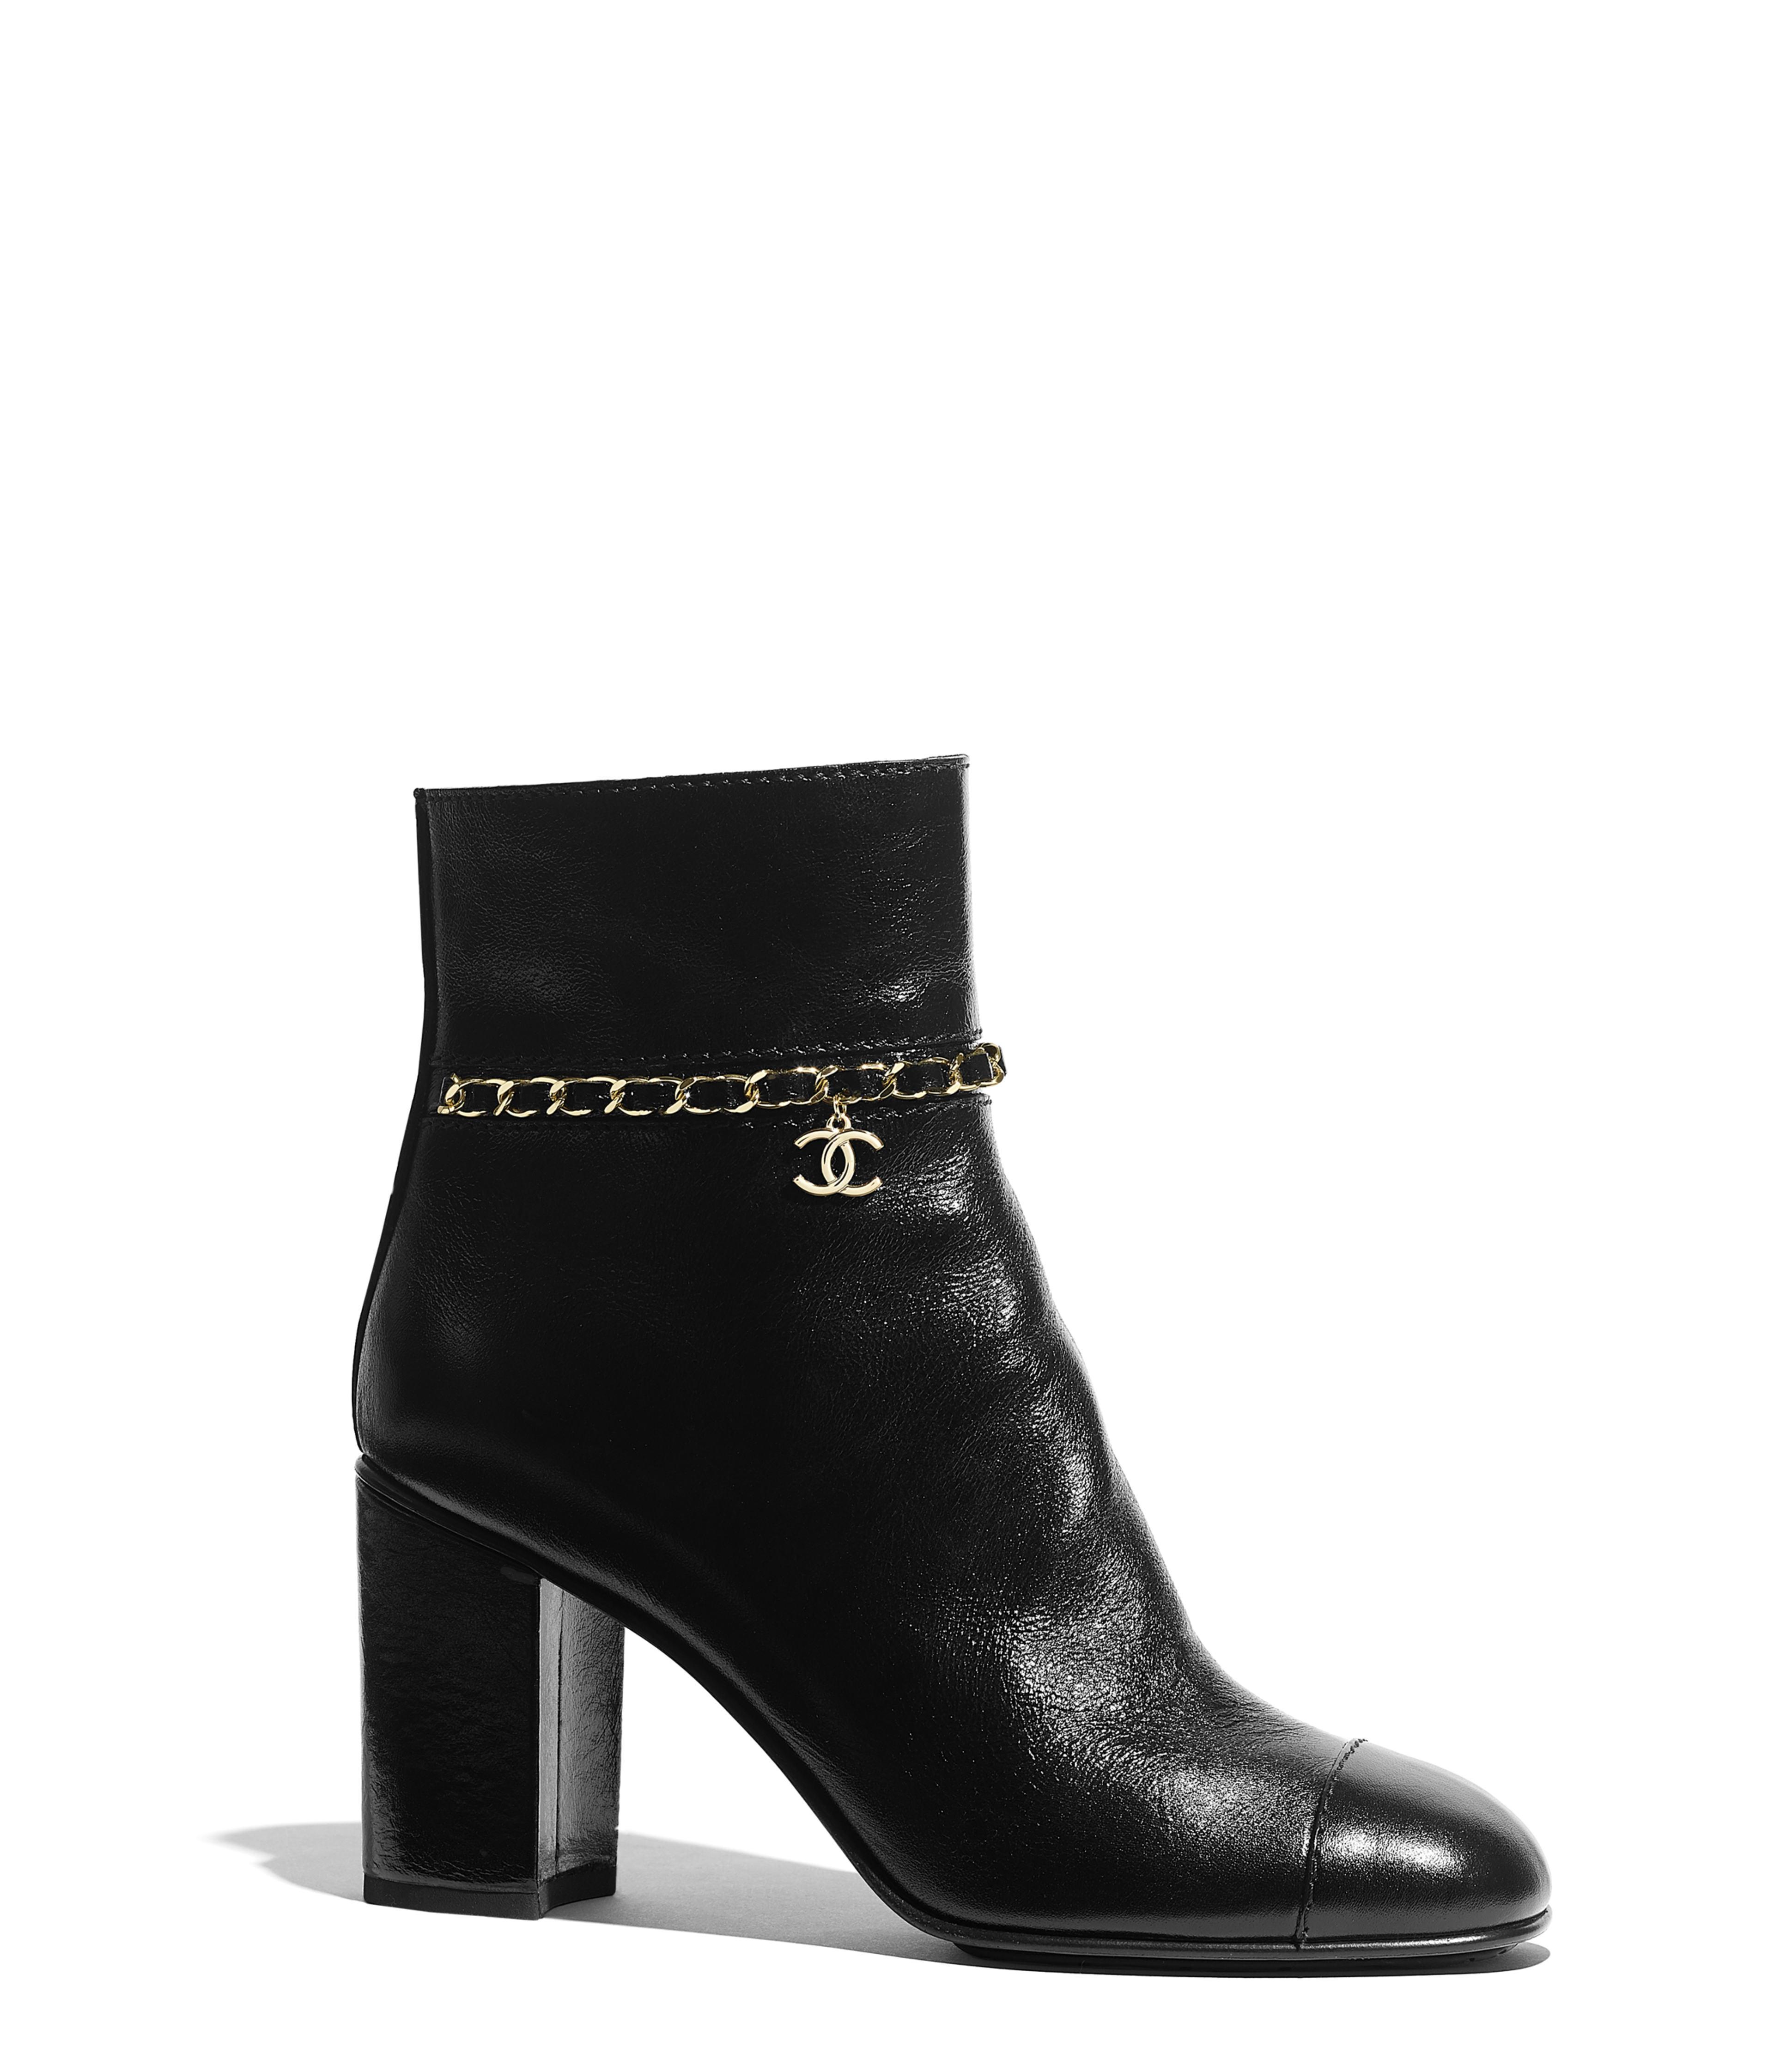 e2b59bb24e Short Boots Calfskin, Black Ref. G35008X5310994305